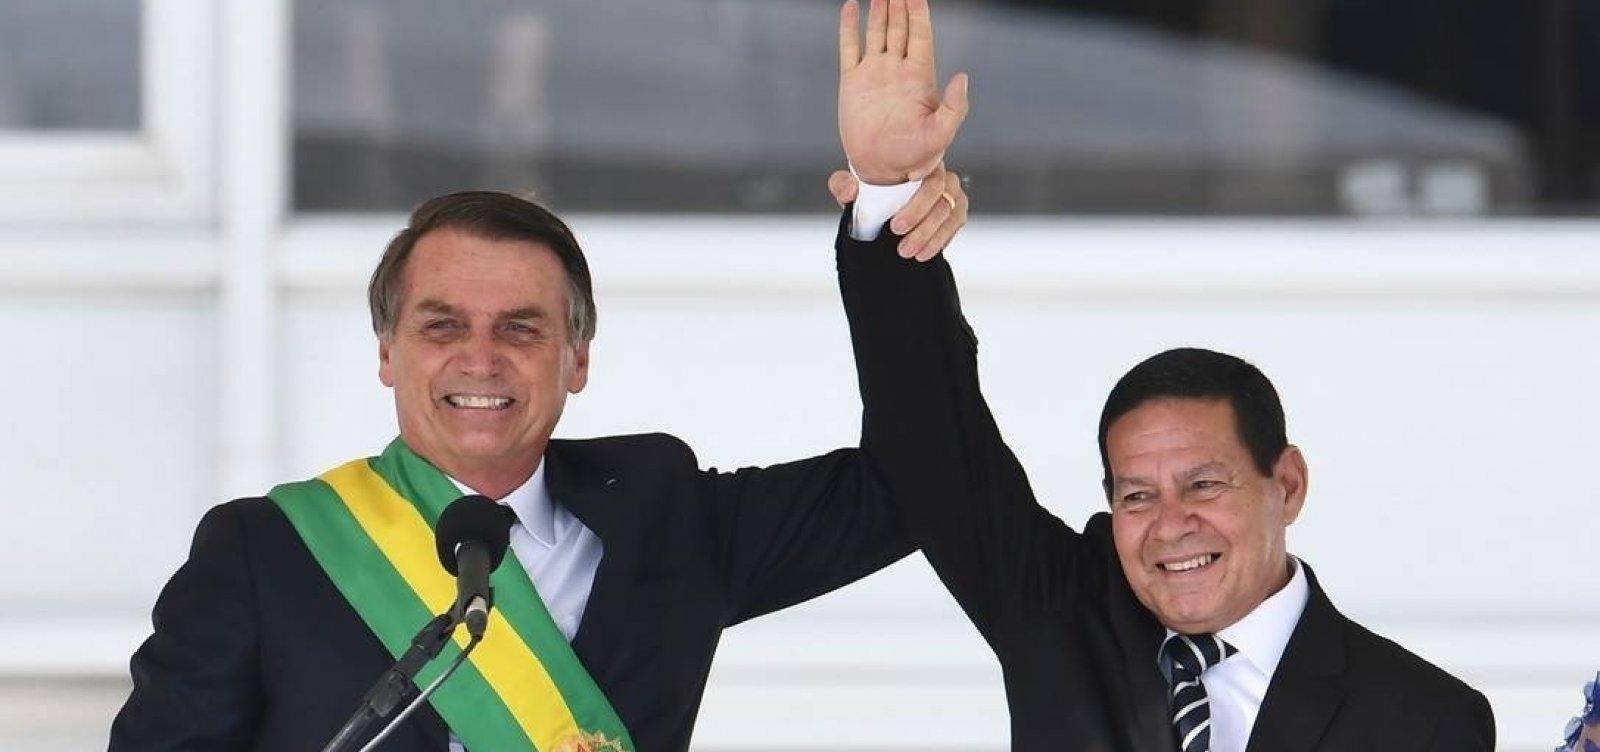 Bolsonaro sugere que Mourão age como presidente paralelo, diz jornal